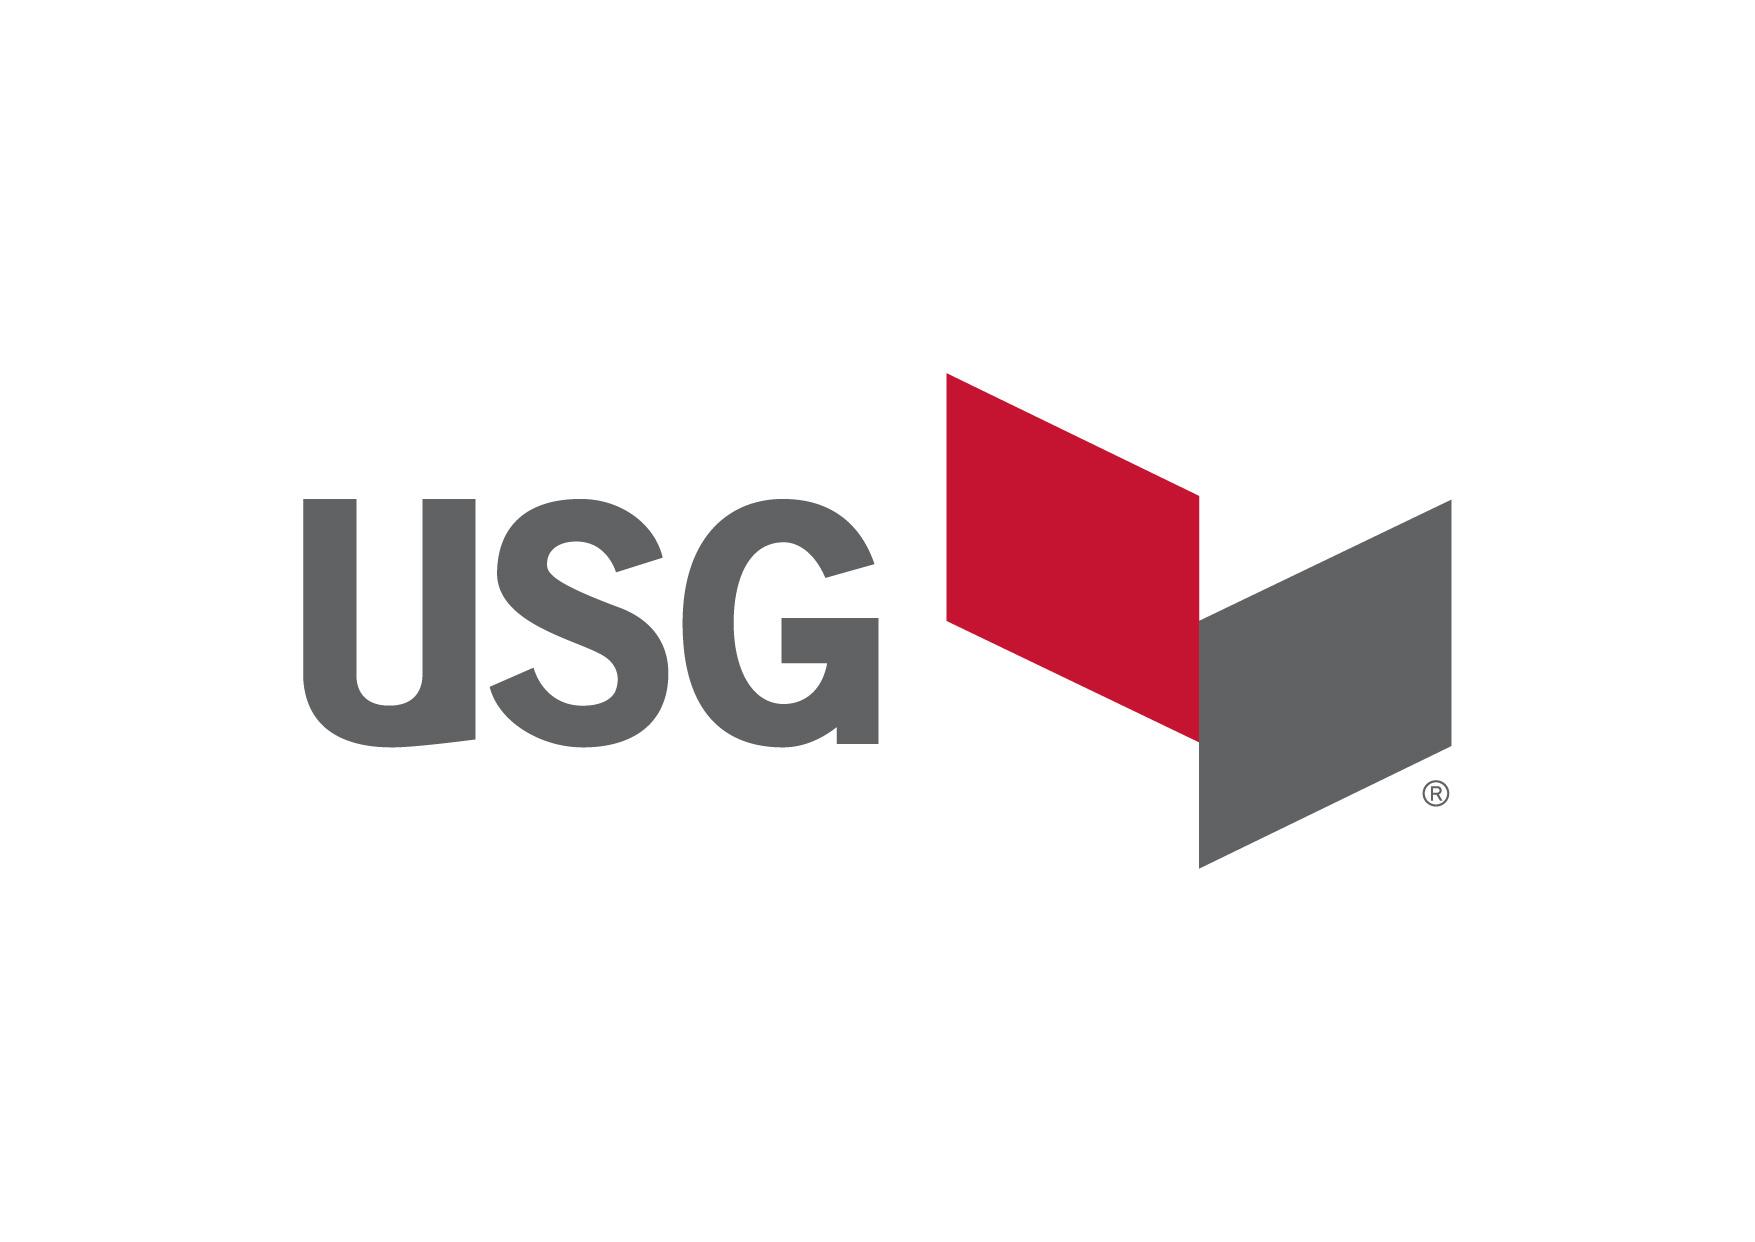 https://covialsa.com/wp-content/uploads/2019/12/logos_marca_covialsa_USG.jpg